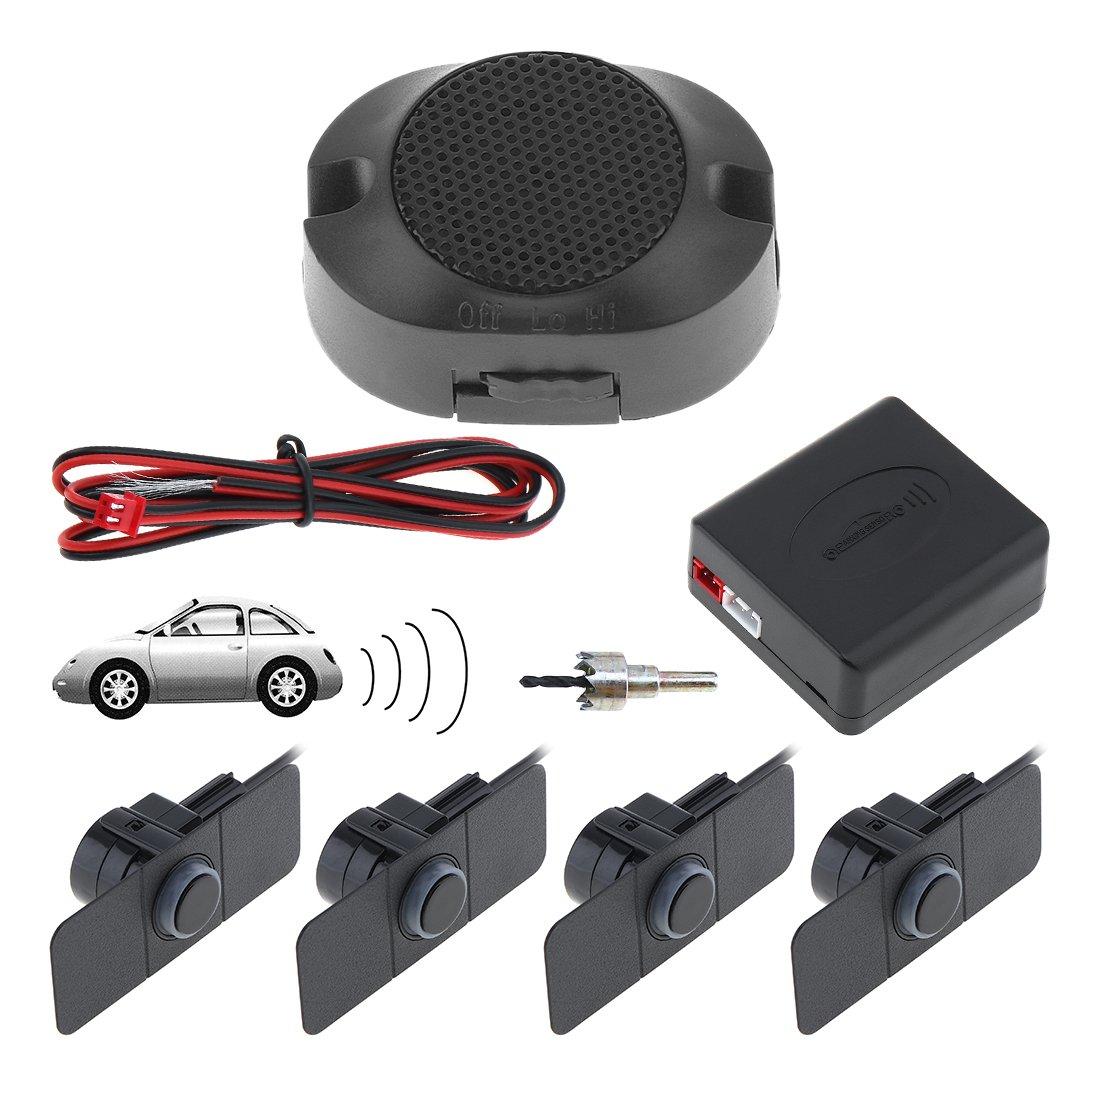 Argento Sistema radar di retromarcia auto inverso Qualit/à Premium 4 Sensori di parcheggio Sistema radar di retromarcia auto inverso con le ali